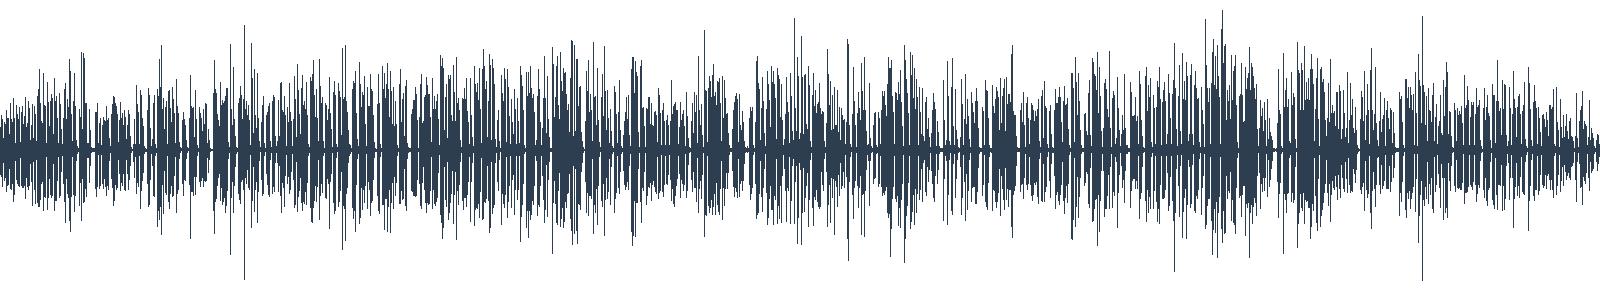 Ruženec a eštébák waveform